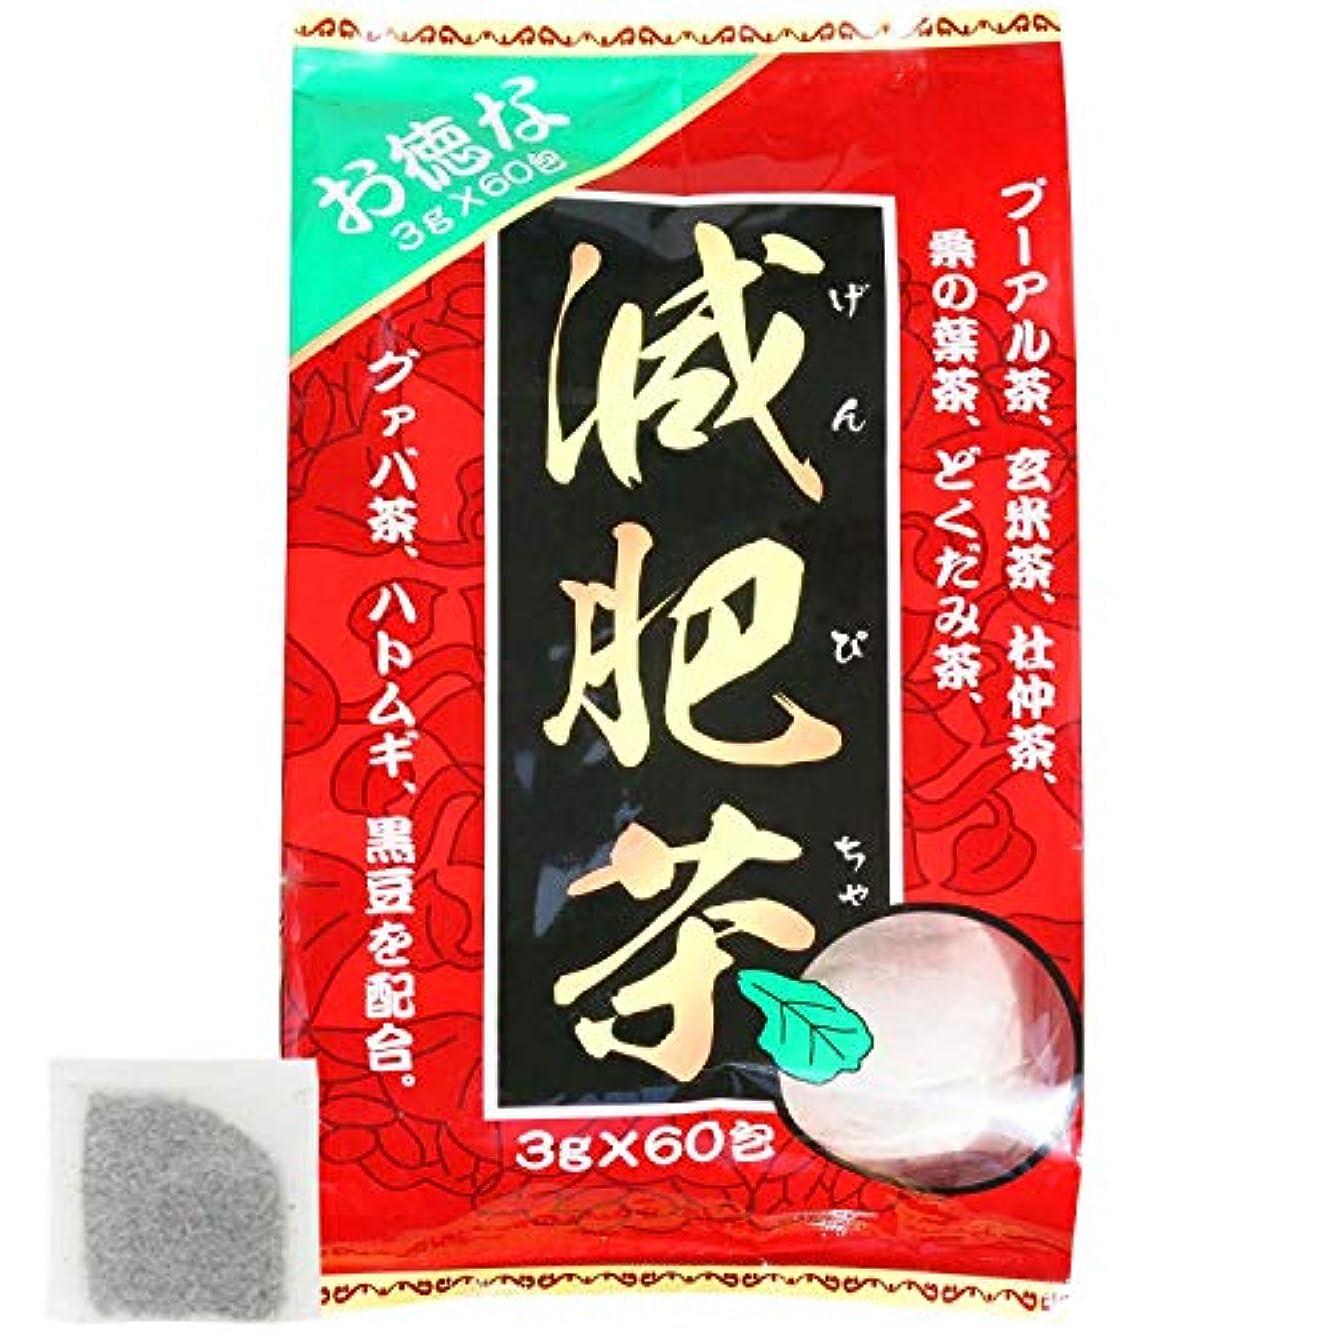 識別日付スカリーユウキ製薬 お徳な減肥茶 30-60日分 3g×60包